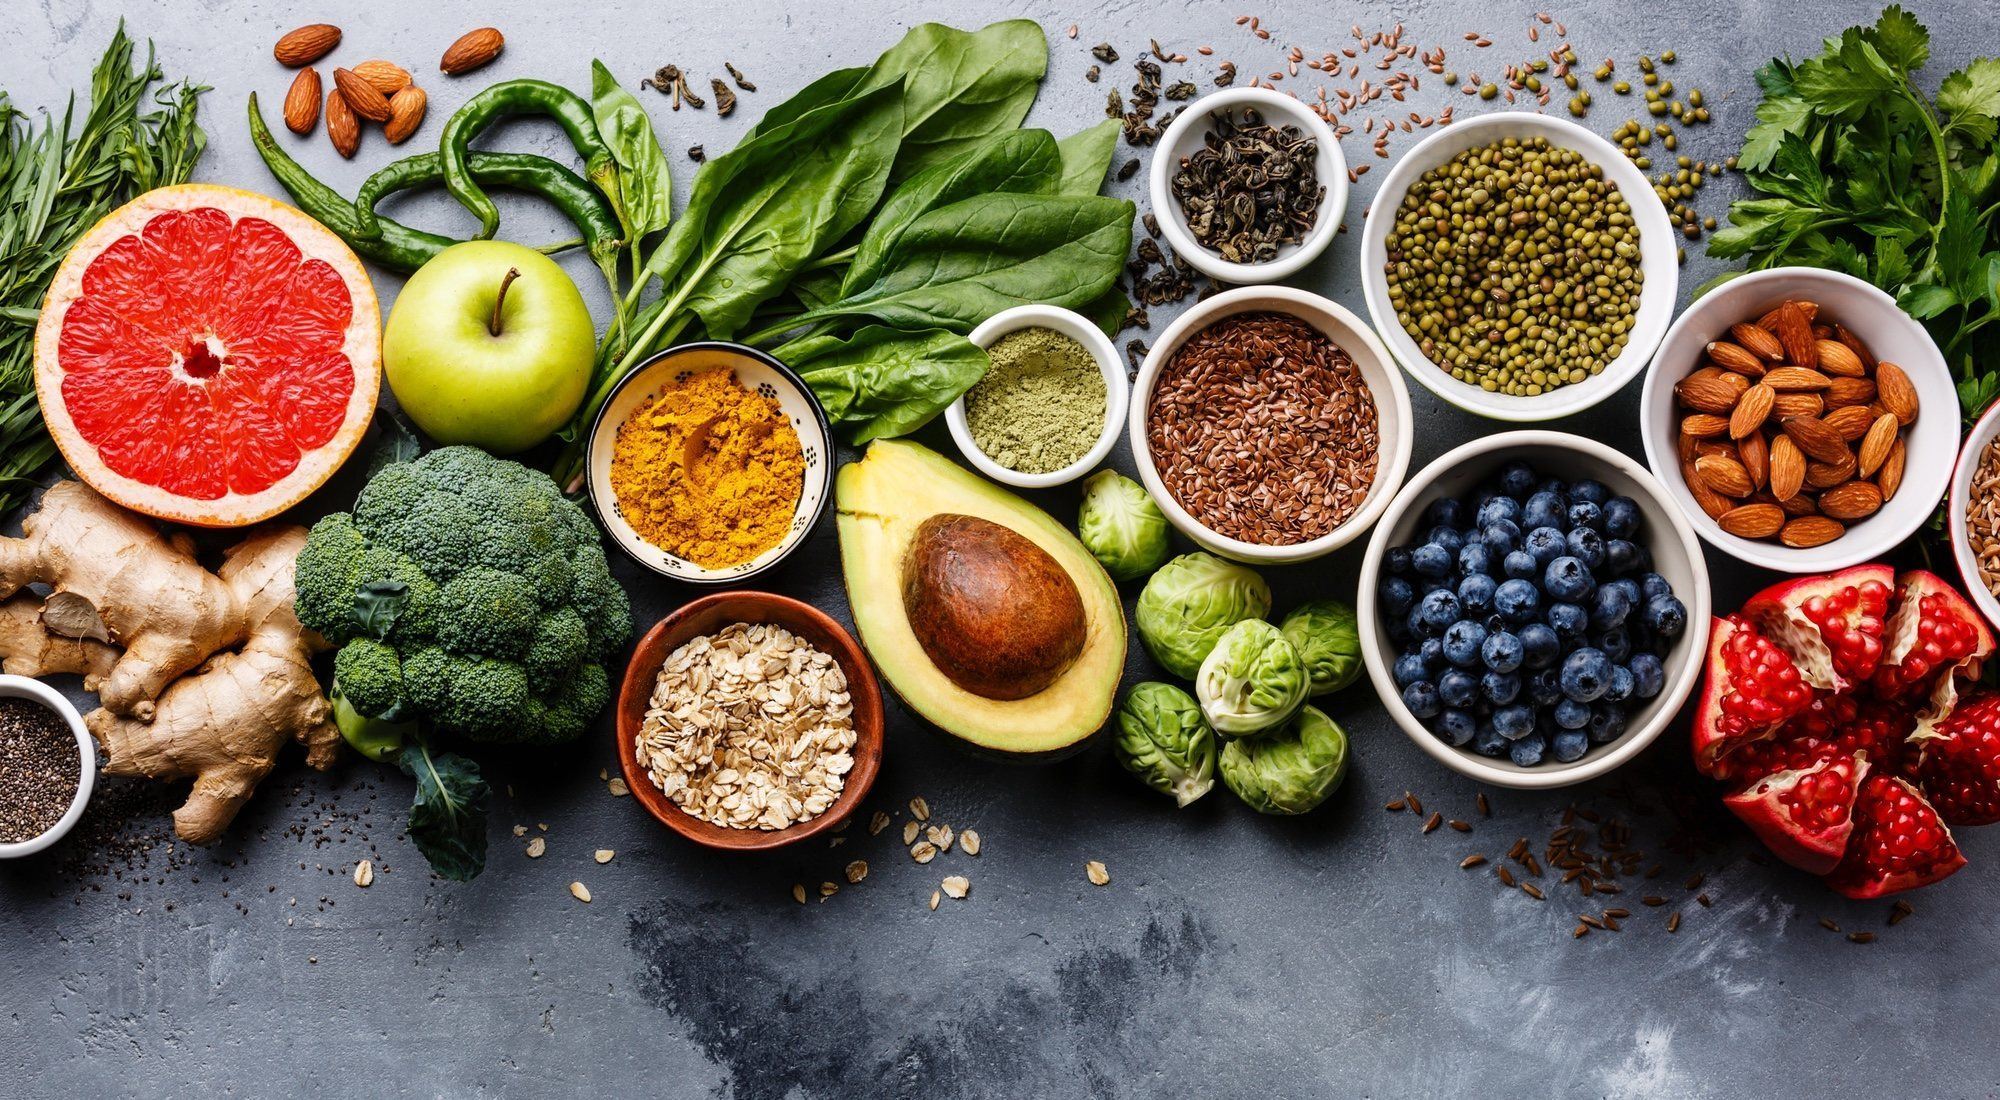 dieta proteica natural para aumentar masa muscular